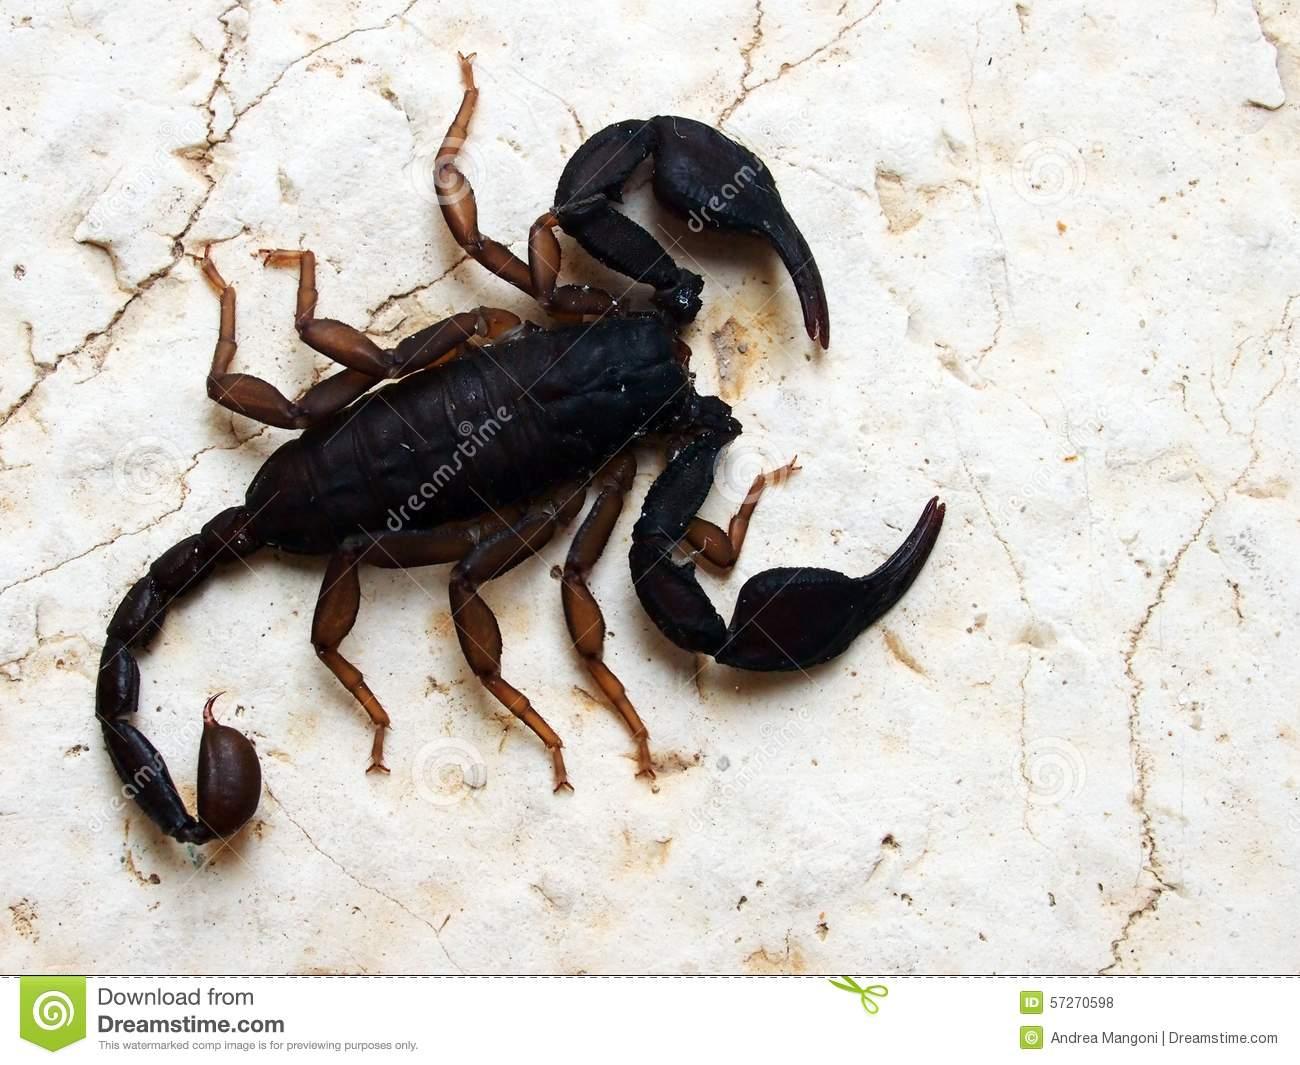 Italian Scorpion (Euscorpius Italicus) Stock Photo.